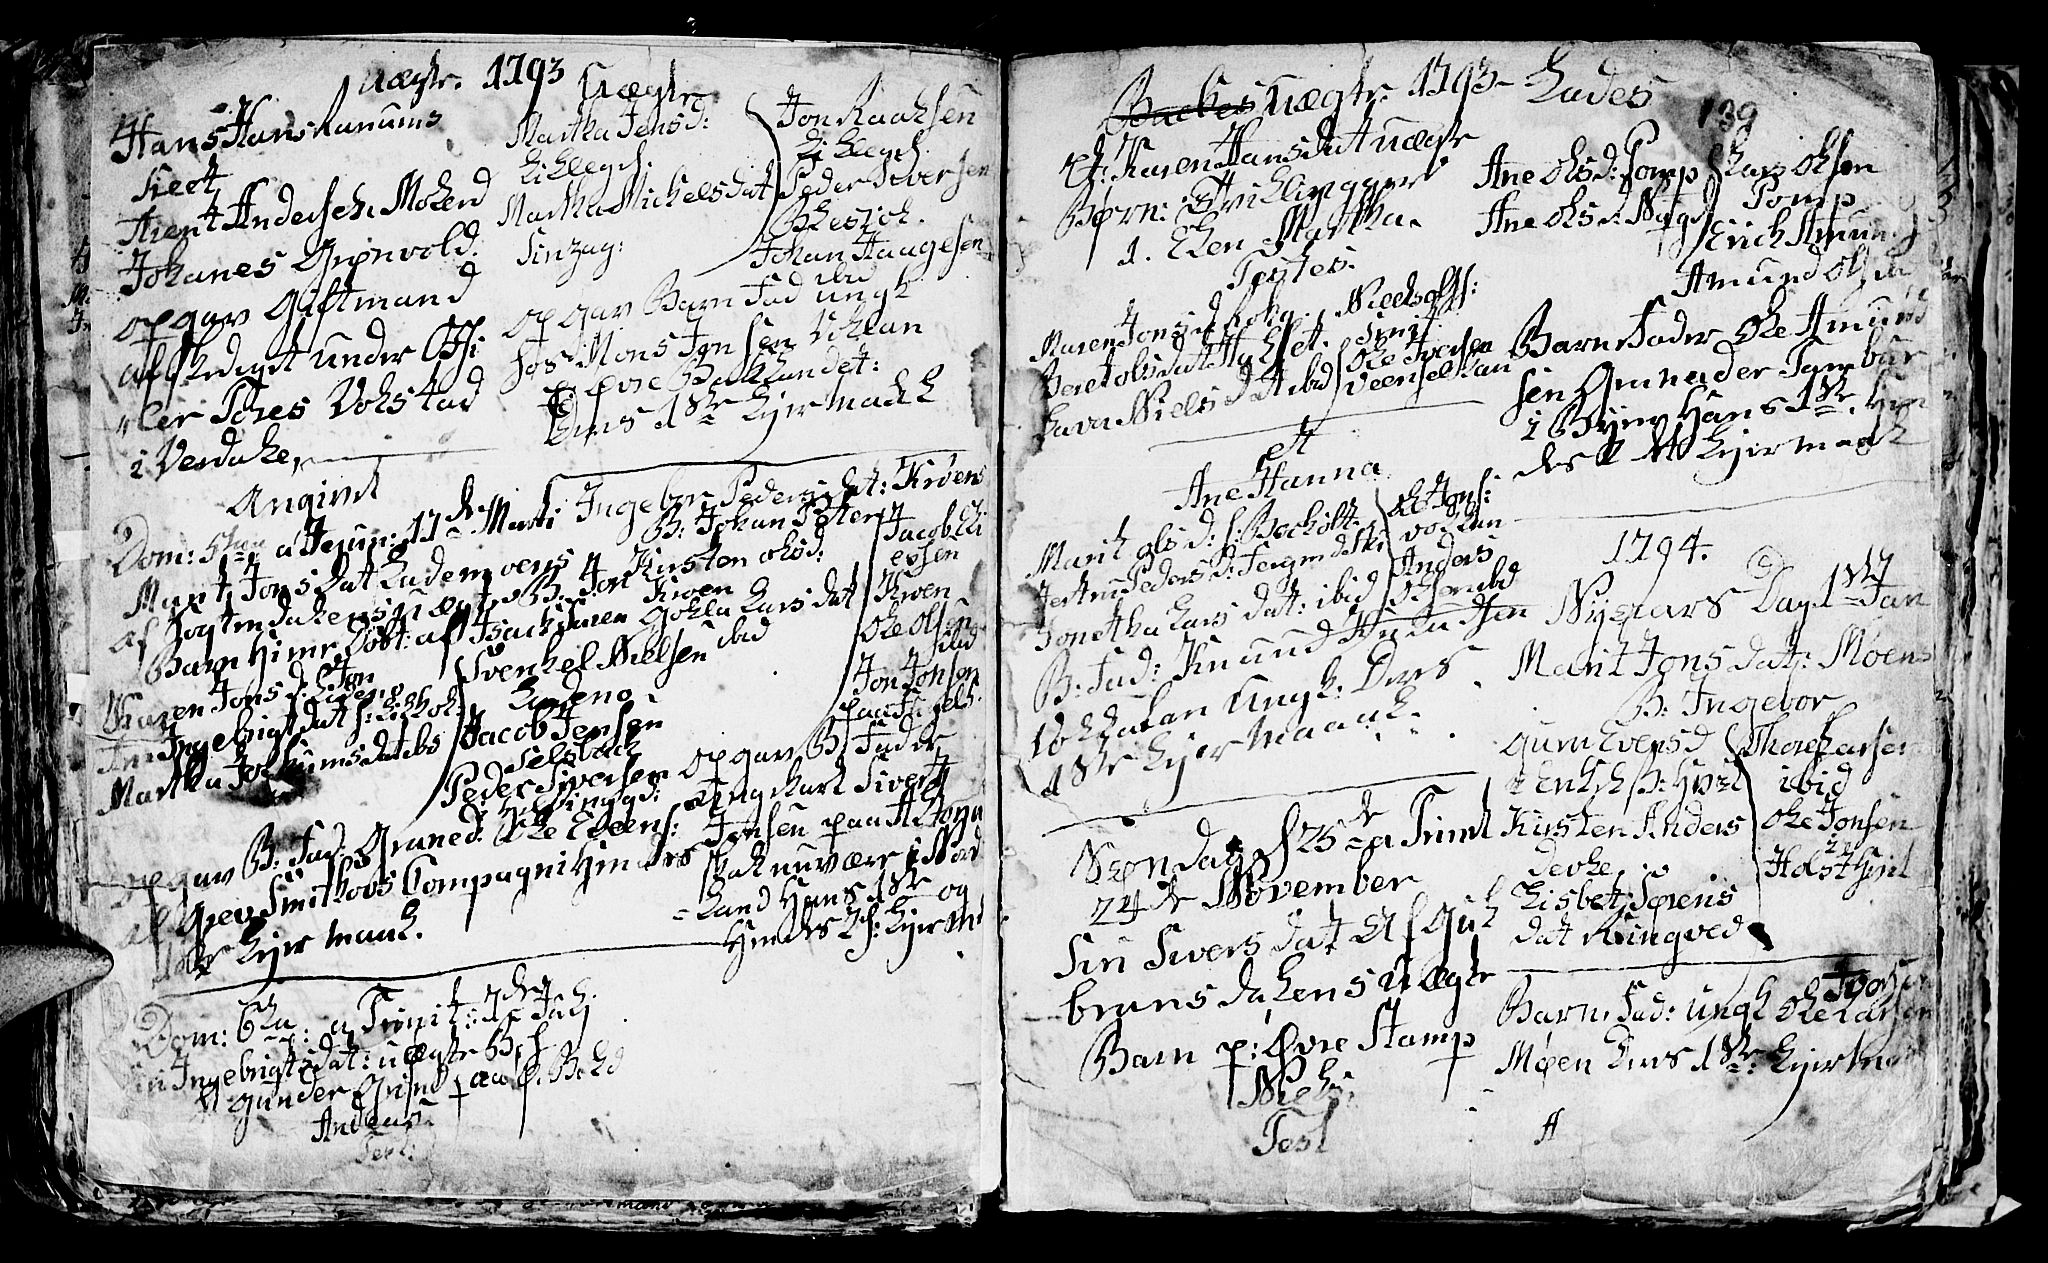 SAT, Ministerialprotokoller, klokkerbøker og fødselsregistre - Sør-Trøndelag, 606/L0305: Klokkerbok nr. 606C01, 1757-1819, s. 139